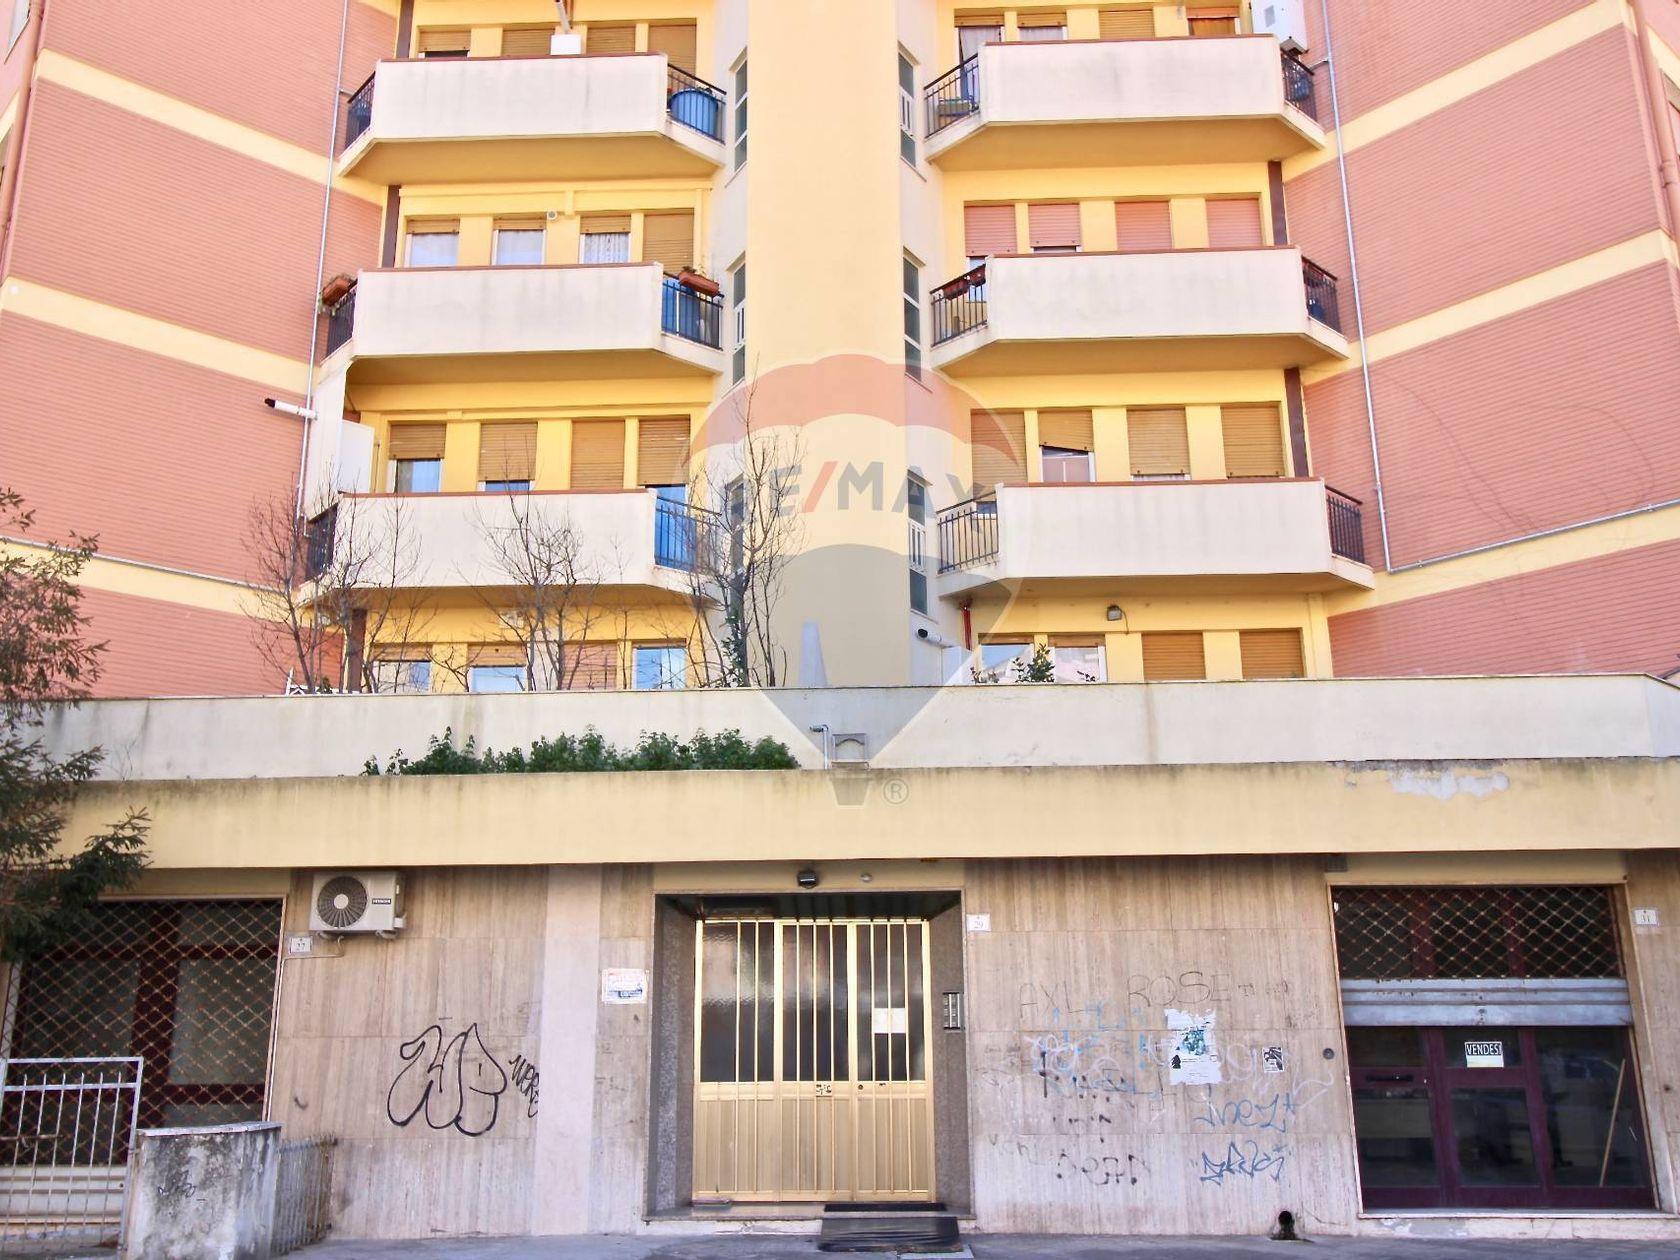 Appartamento Centro, Nuoro, NU Vendita - Foto 18